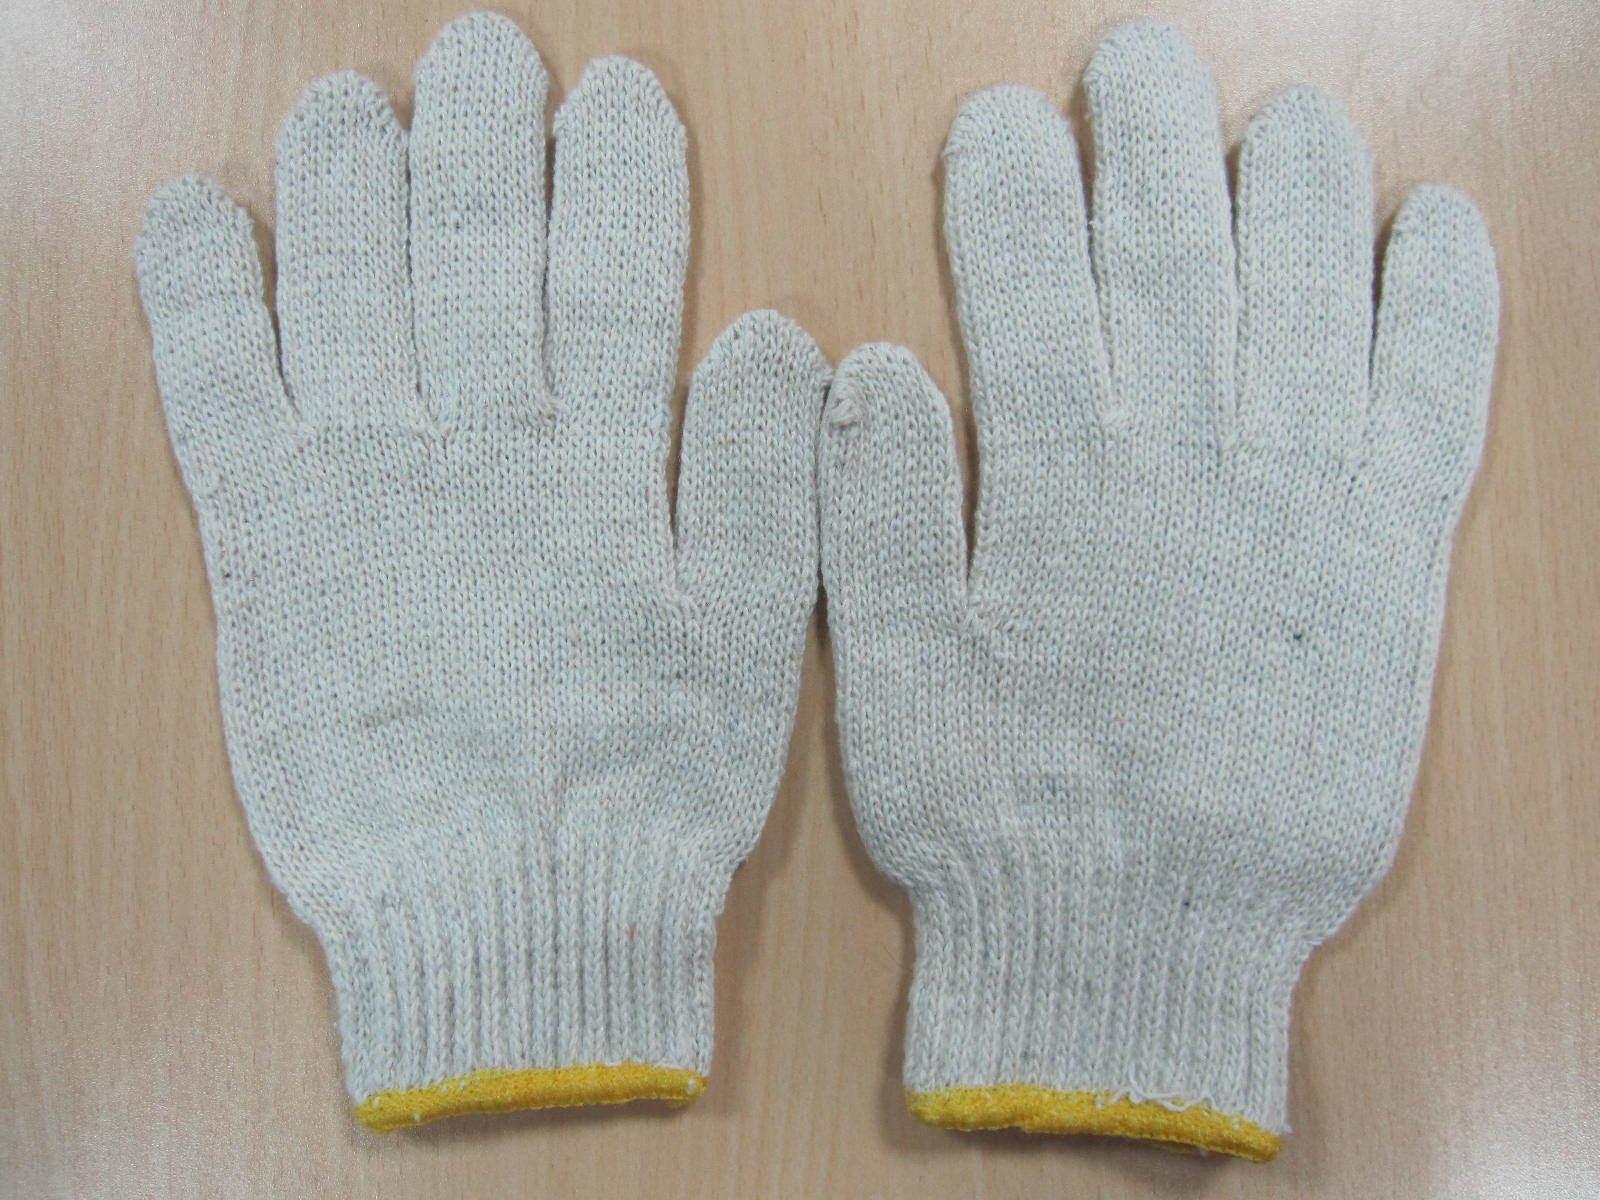 Cotton Glove Safety Glove Cheap Working Glove